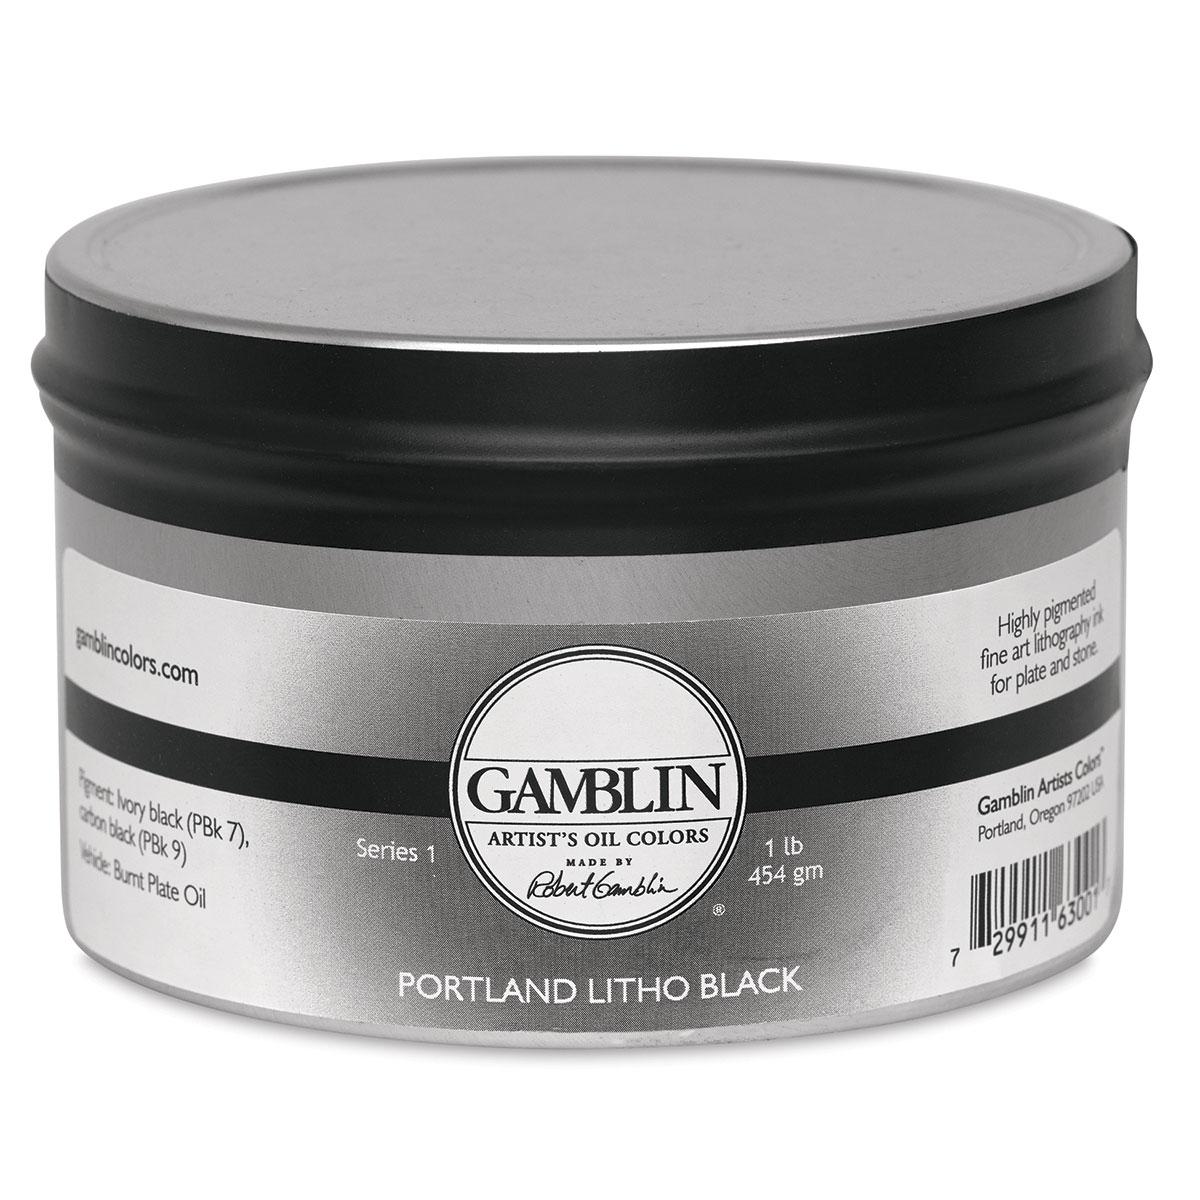 Gamblin Portland Black Litho Ink - 1 lb